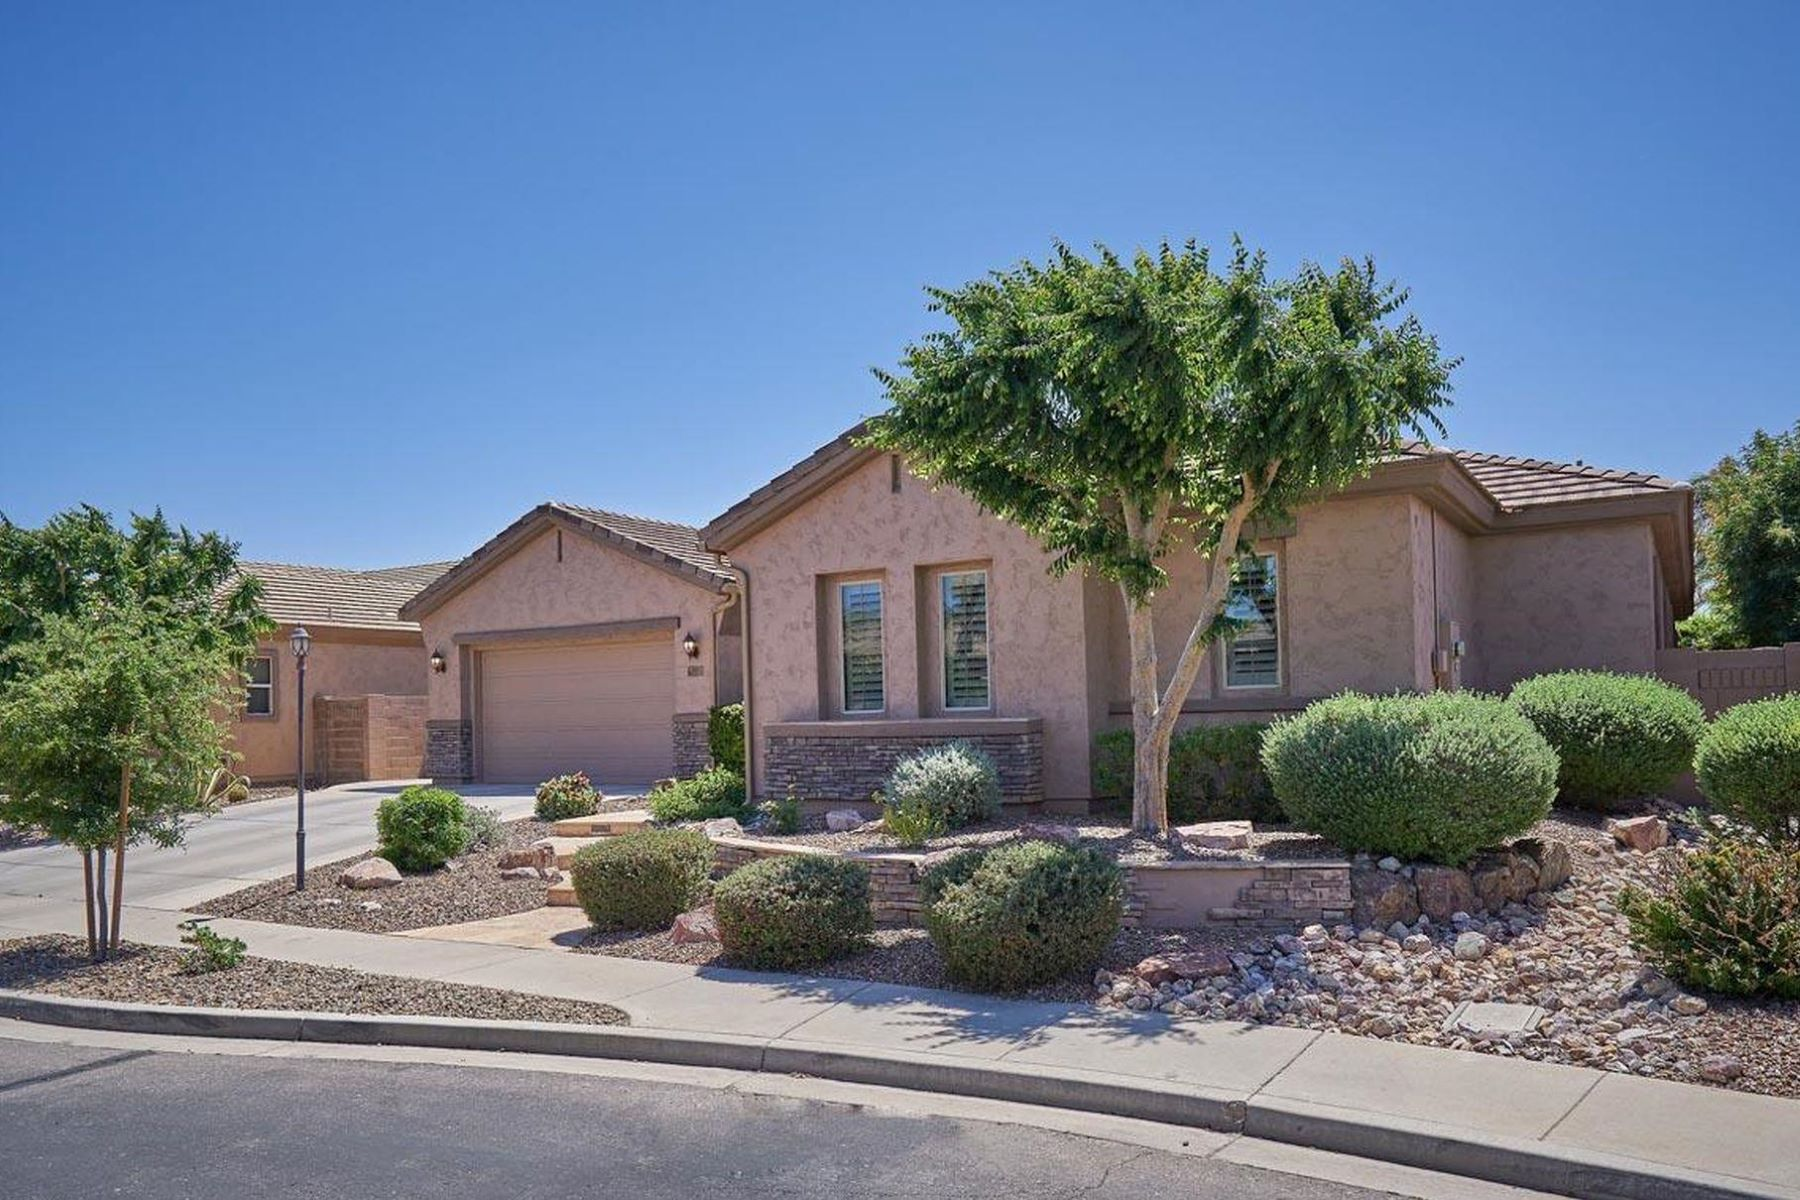 Single Family Homes για την Πώληση στο Countryside Estates 2027 E POWELL PL, Chandler, Αριζονα 85249 Ηνωμένες Πολιτείες